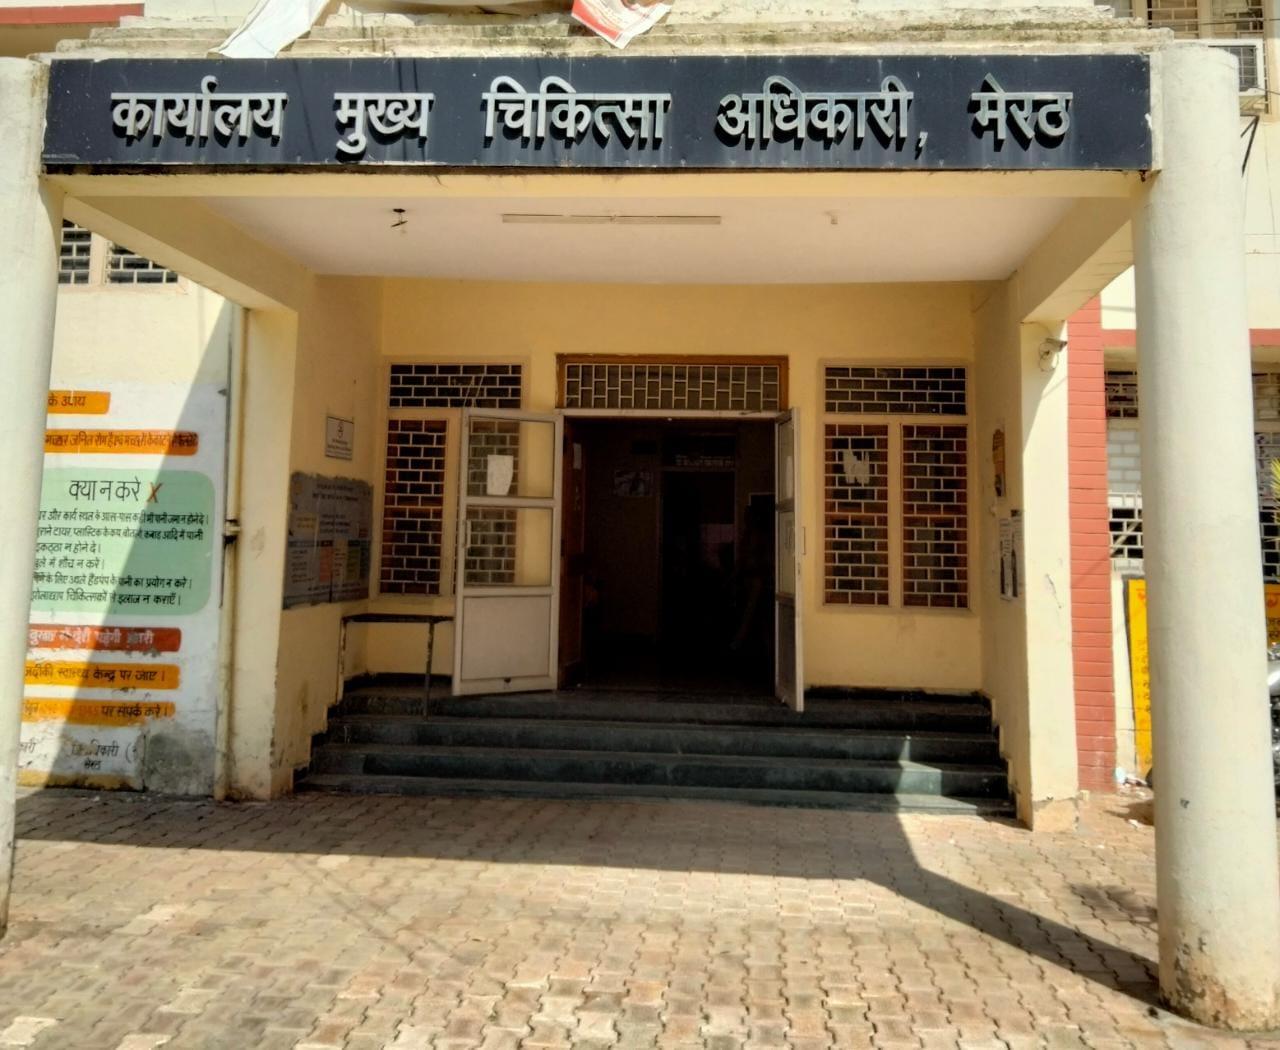 सीएमओ डॉ अखिलेश मोहन का कहना है एक सितंबर से 10 सितंबर 2021 तक जिले में 41 हजार लोगों का कोरोना के लिए टेस्ट किया गया। 12 सितंबर की रात्रि तक जिले में कोरोना के एक्टिव केस 2 हैं। - Dainik Bhaskar